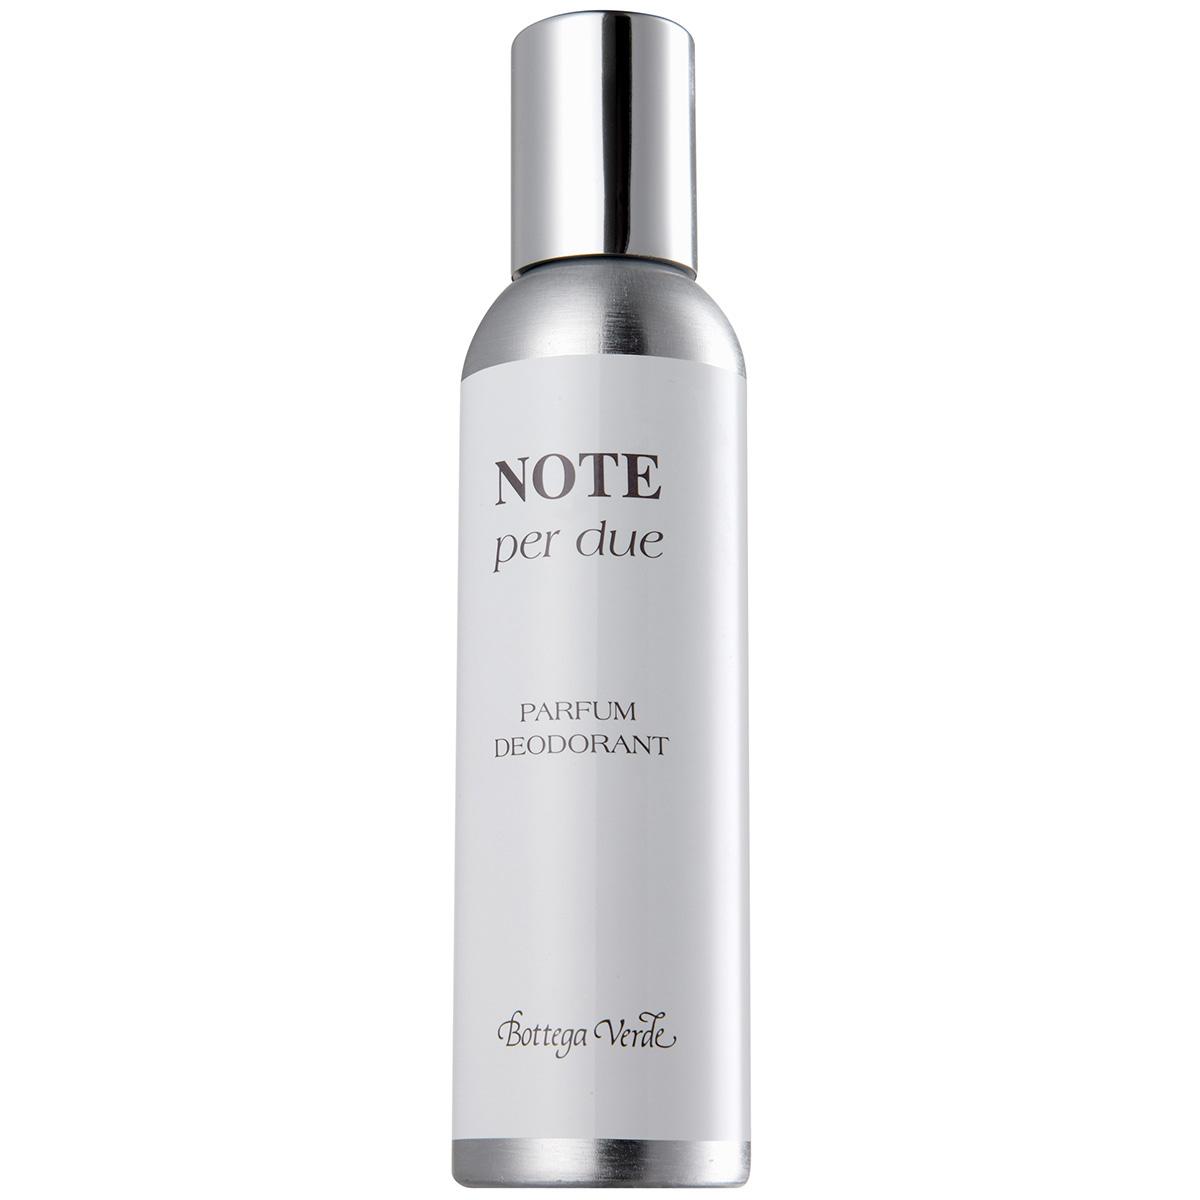 Parfum deodorant Note per due, 100 ML